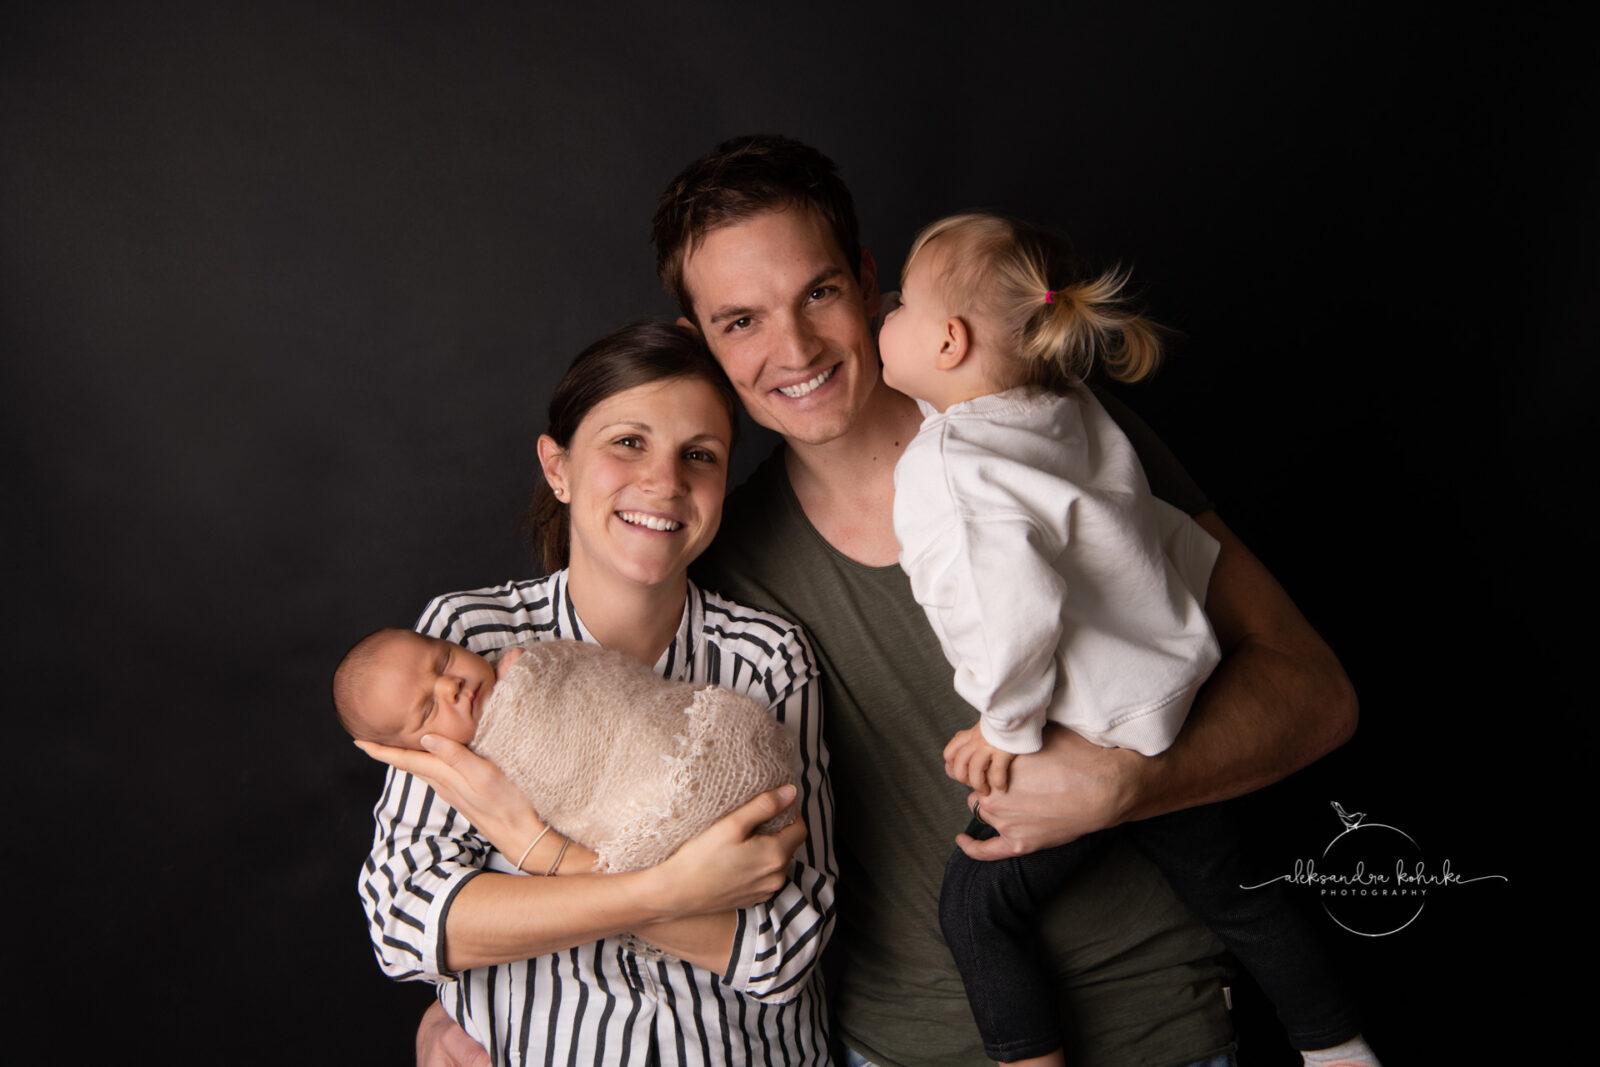 Familienshooting mit Neugeborenen und Geschwister in Rapperswil Jona und Kanton Zürich